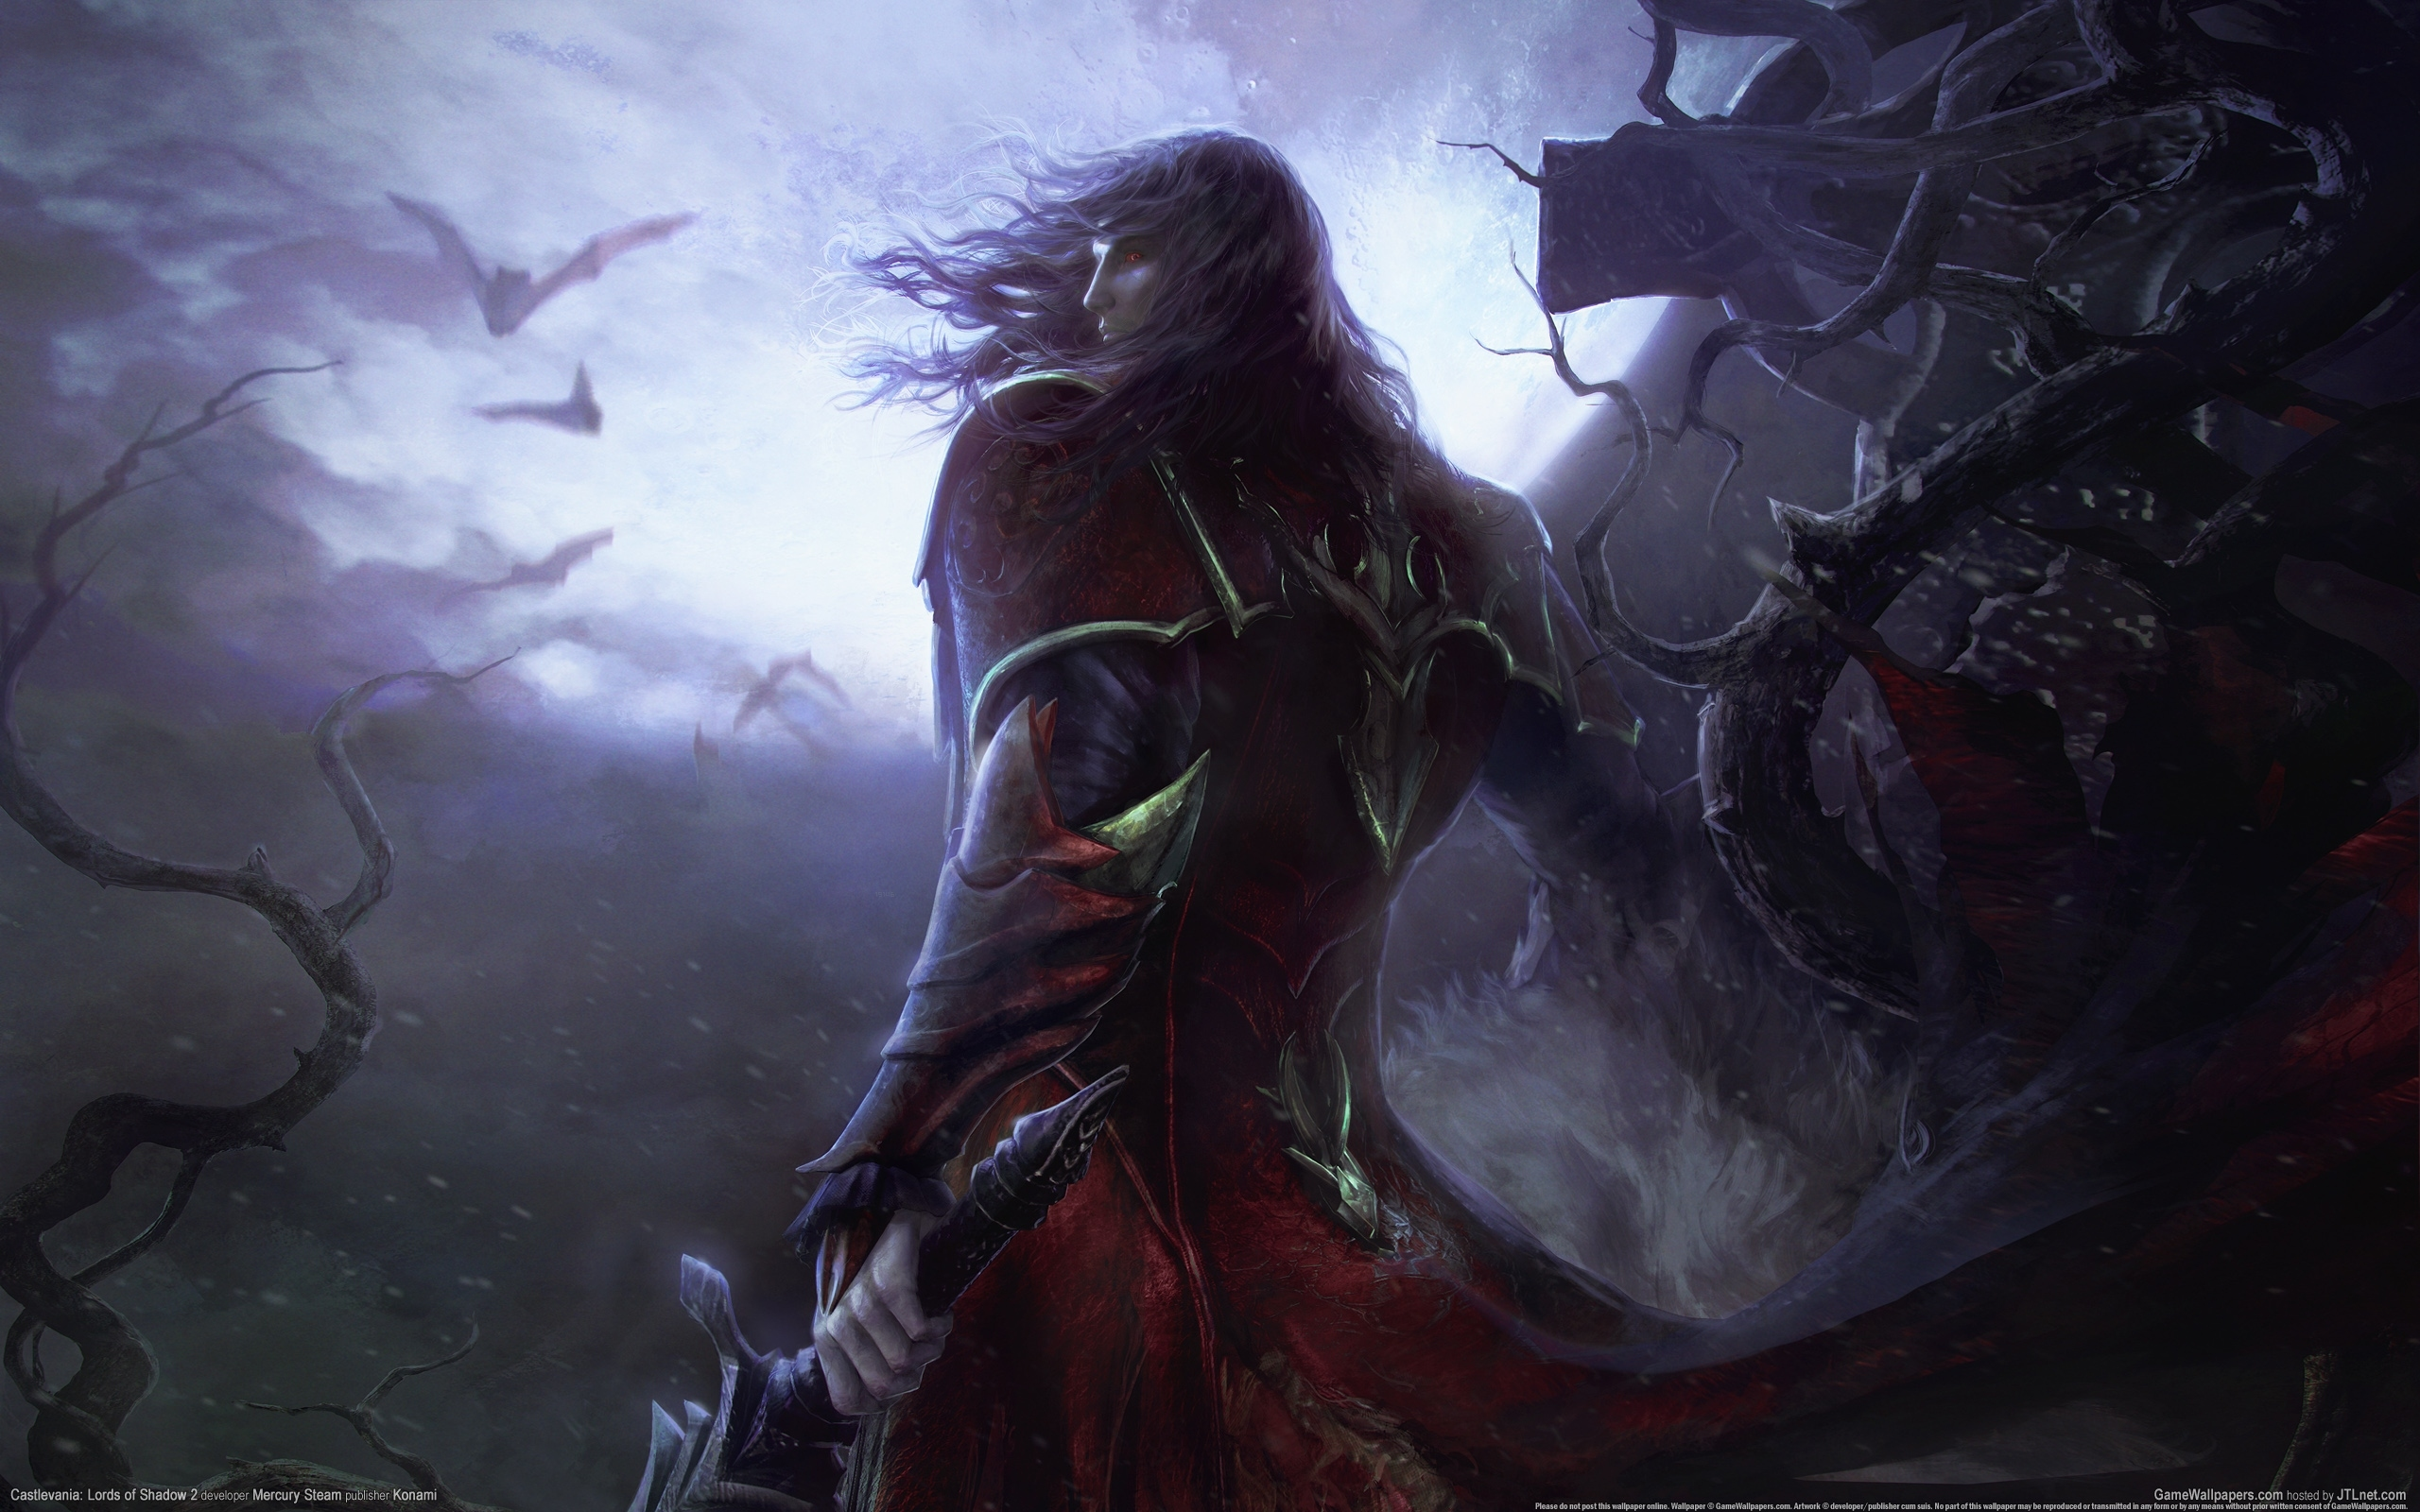 7 castlevania lords of shadow fondos de pantalla hd fondos de escritorio wallpaper abyss - Hd wallpapers of darkness ...